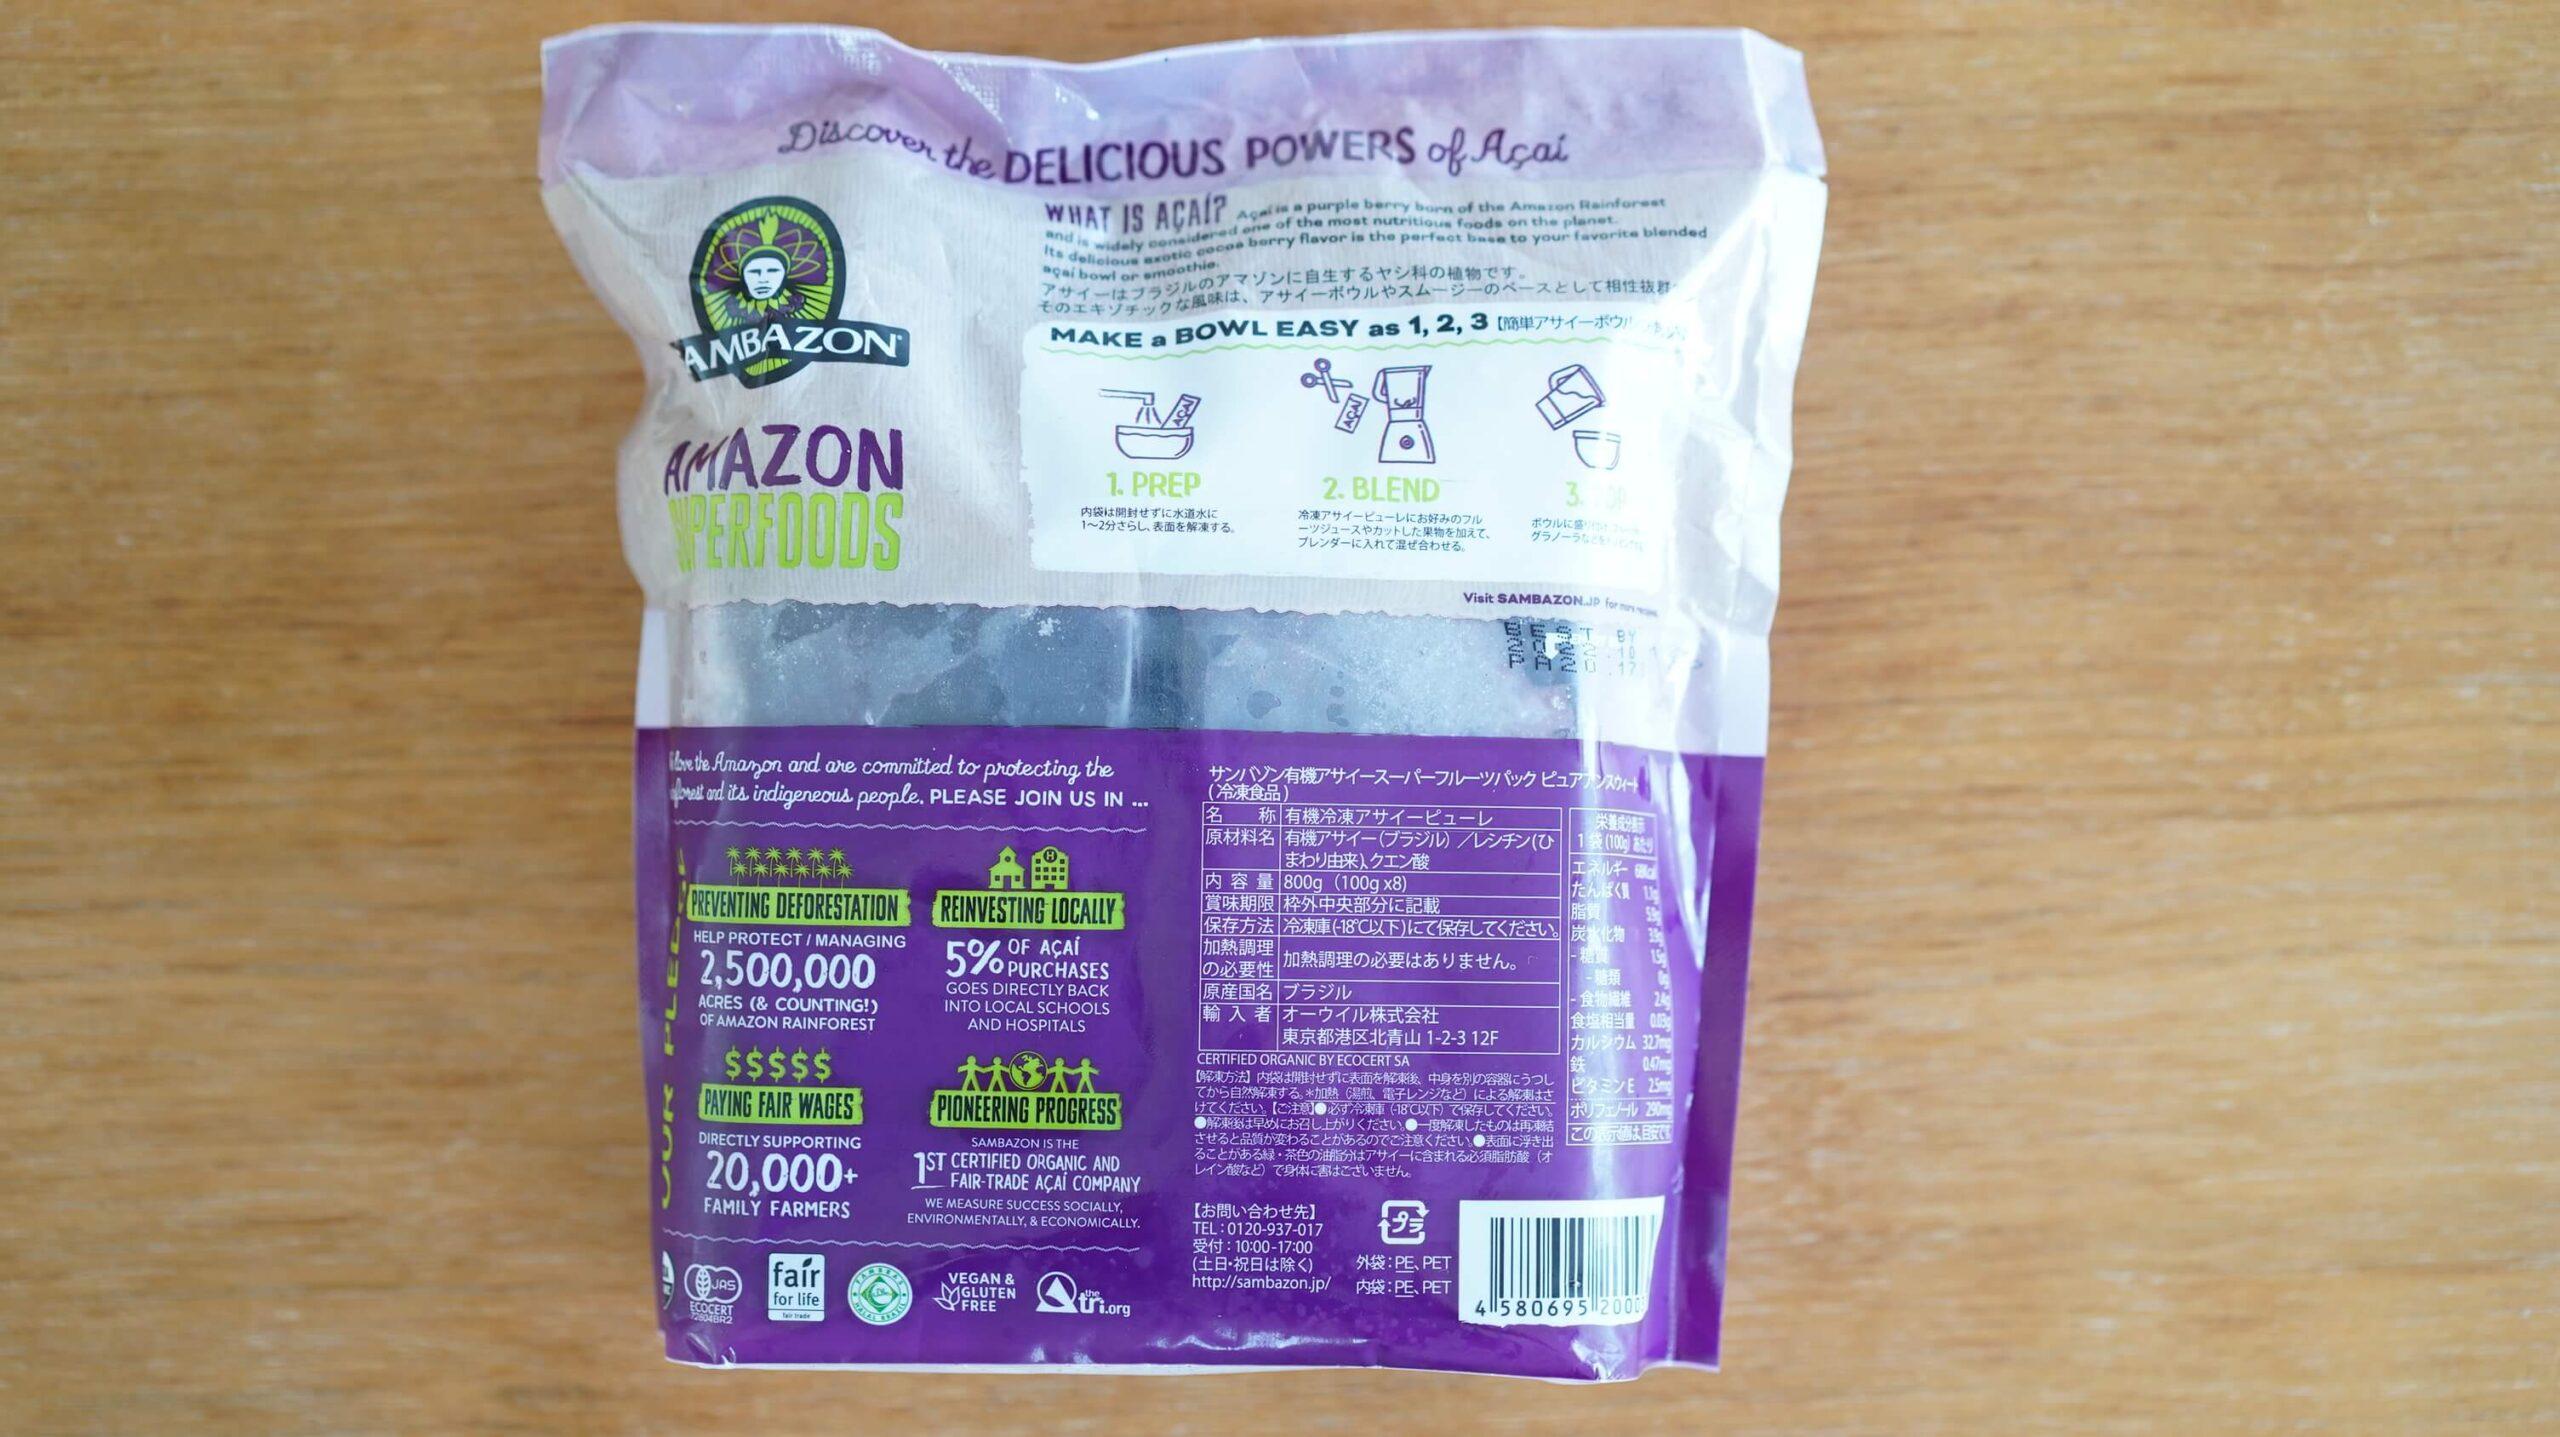 コストコの冷凍食品アサイー「サンバゾン・アサイースムージーパック」のパッケージ裏面の写真